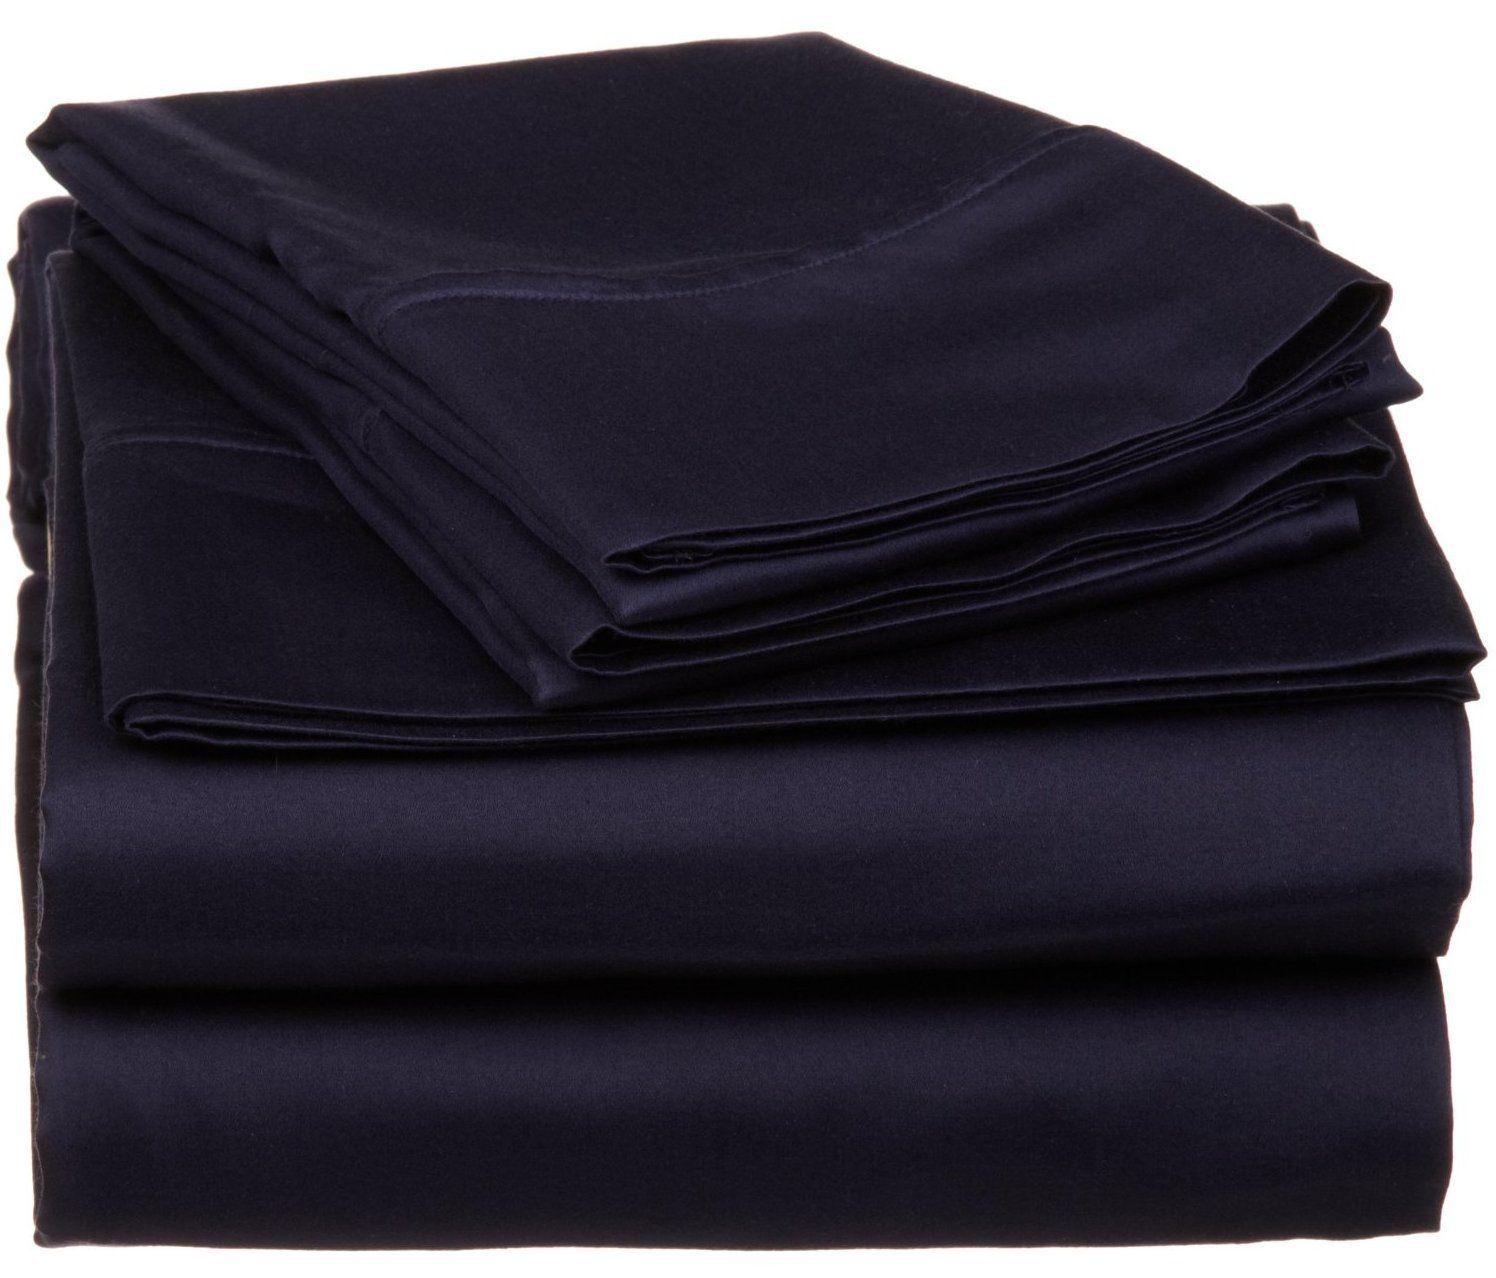 LongStaple Combed 530 Thread Count Premium Cotton Solid